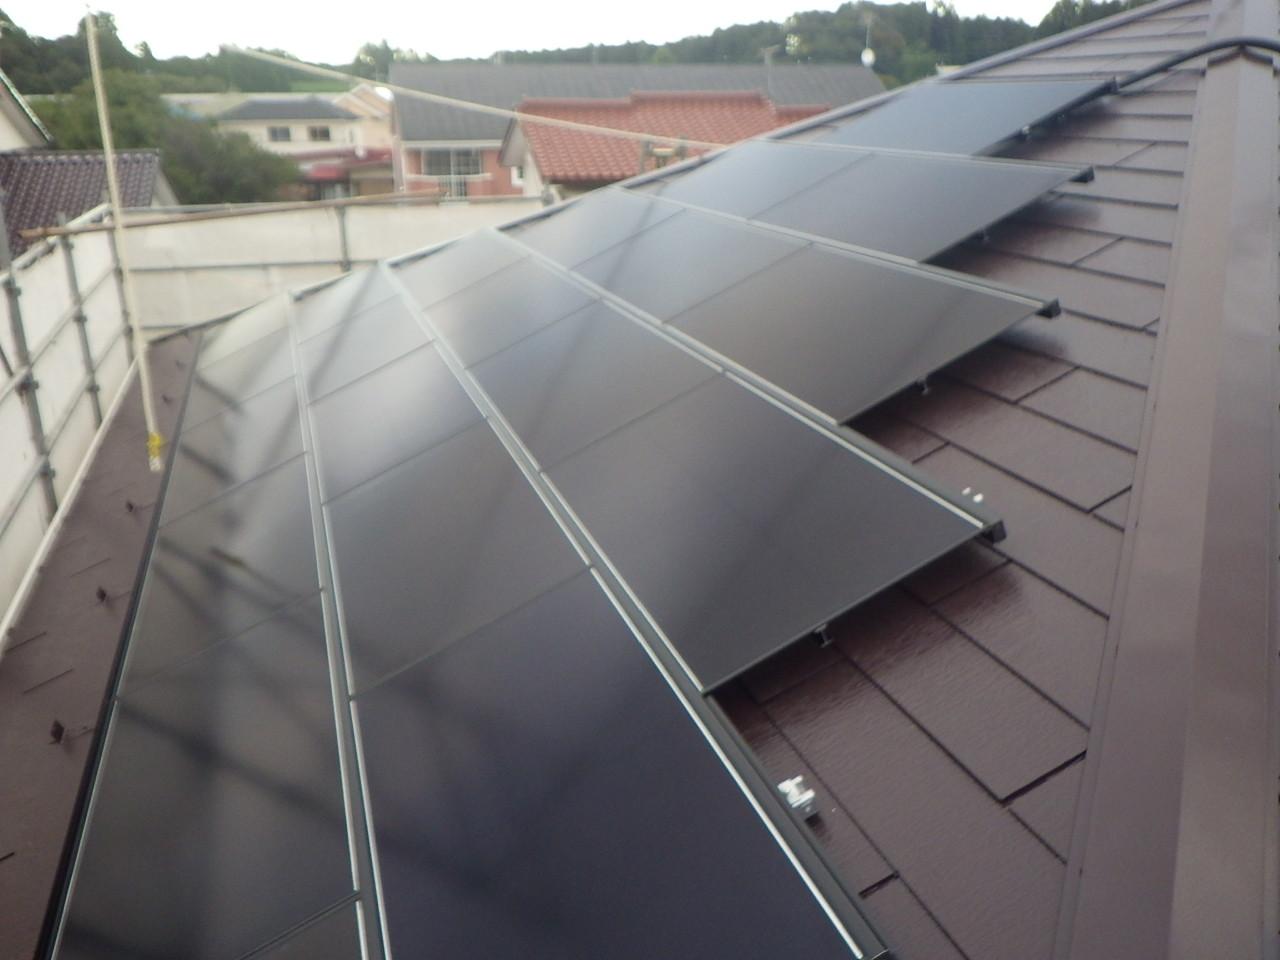 スレート屋根への太陽光パネル設置工事を行いました。in宇都宮市